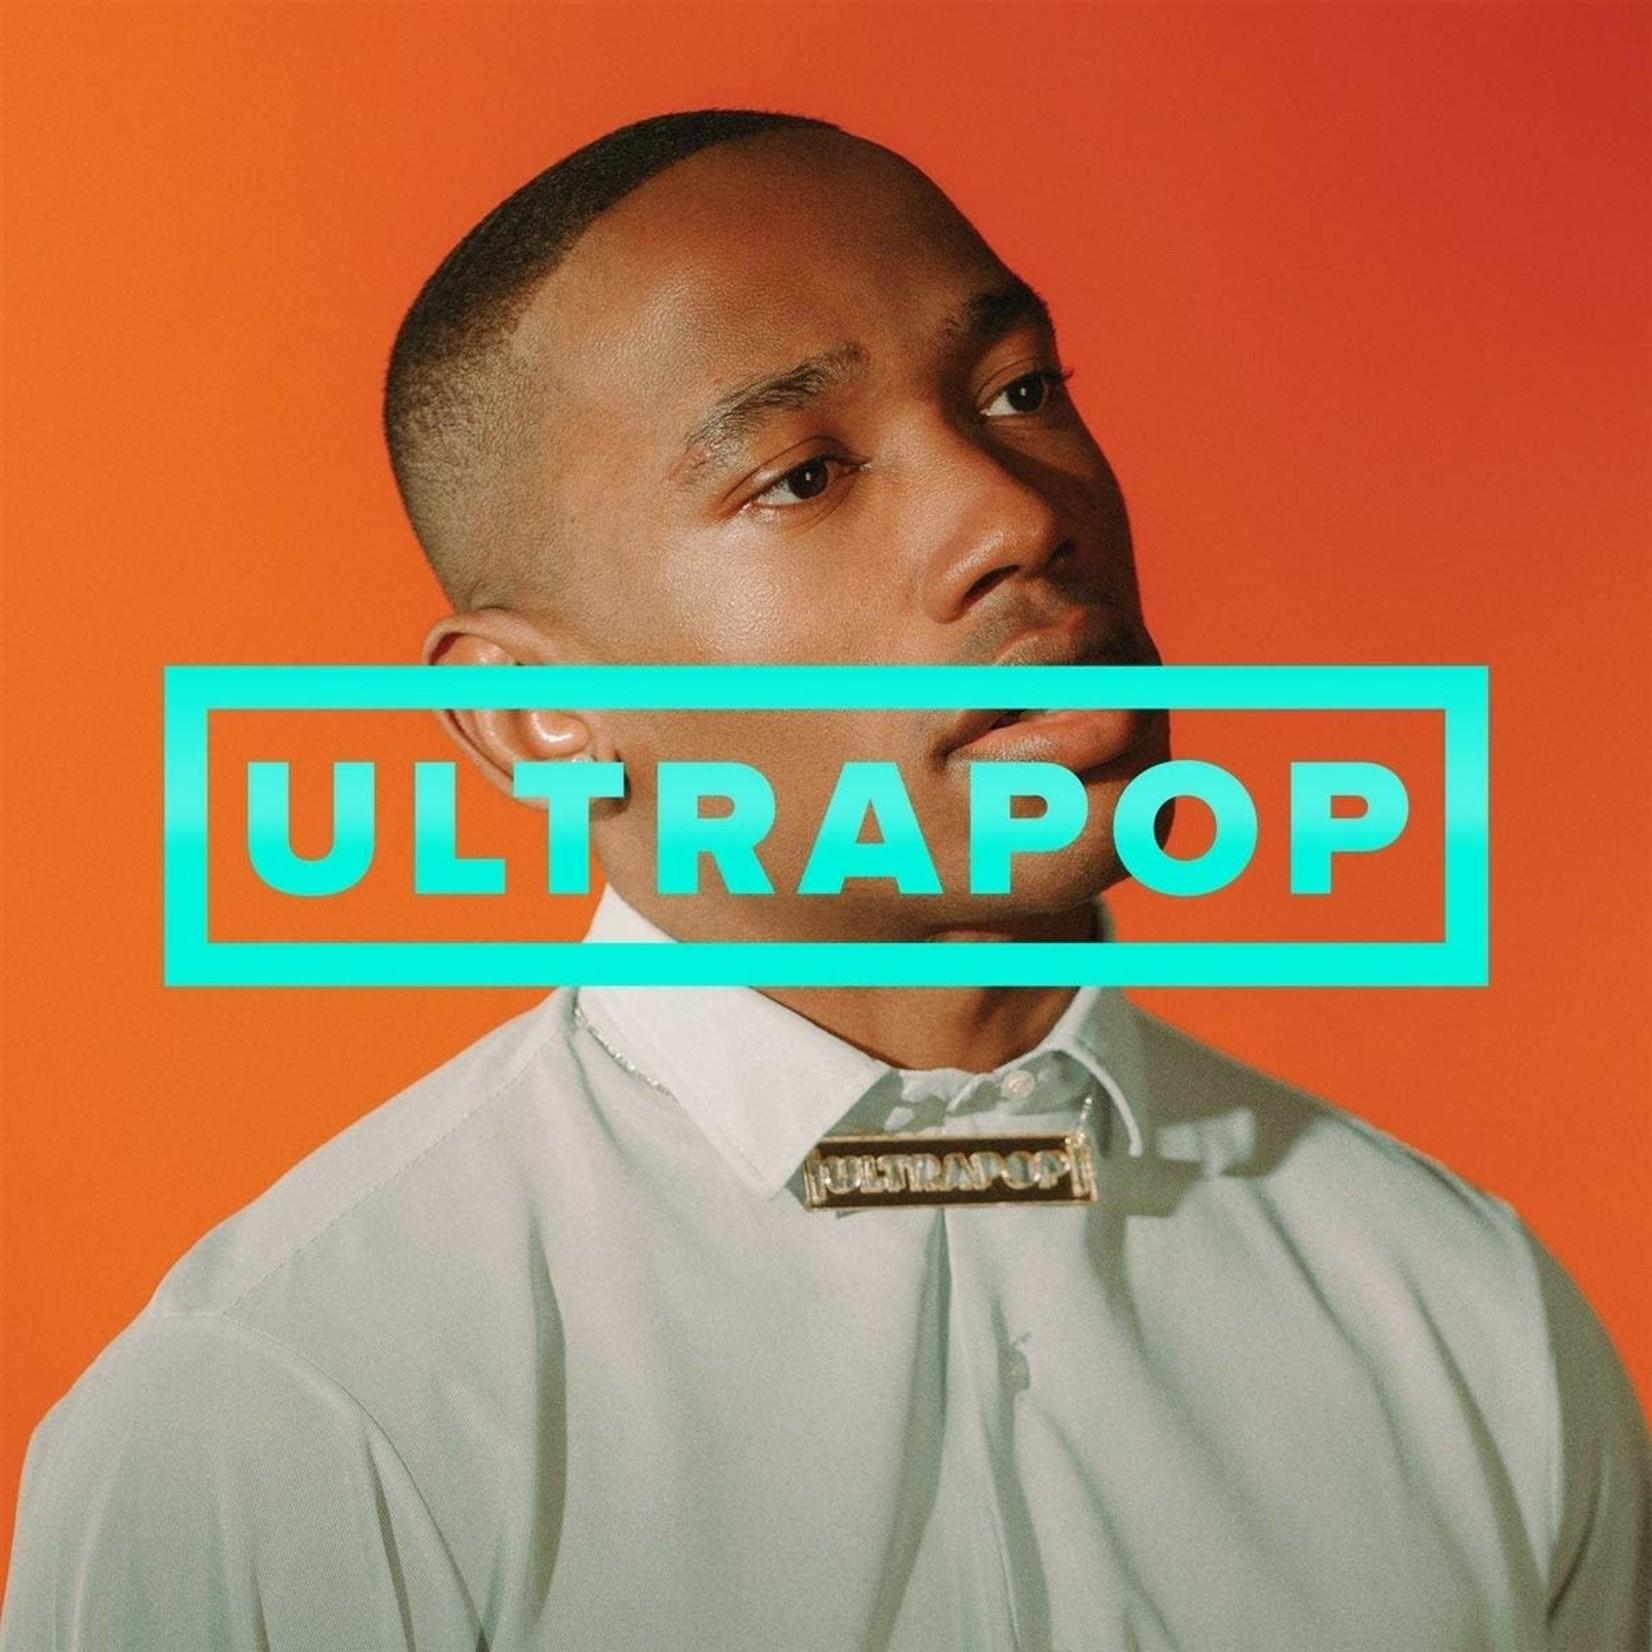 [New] Armed: Ultrapop (clear vinyl)